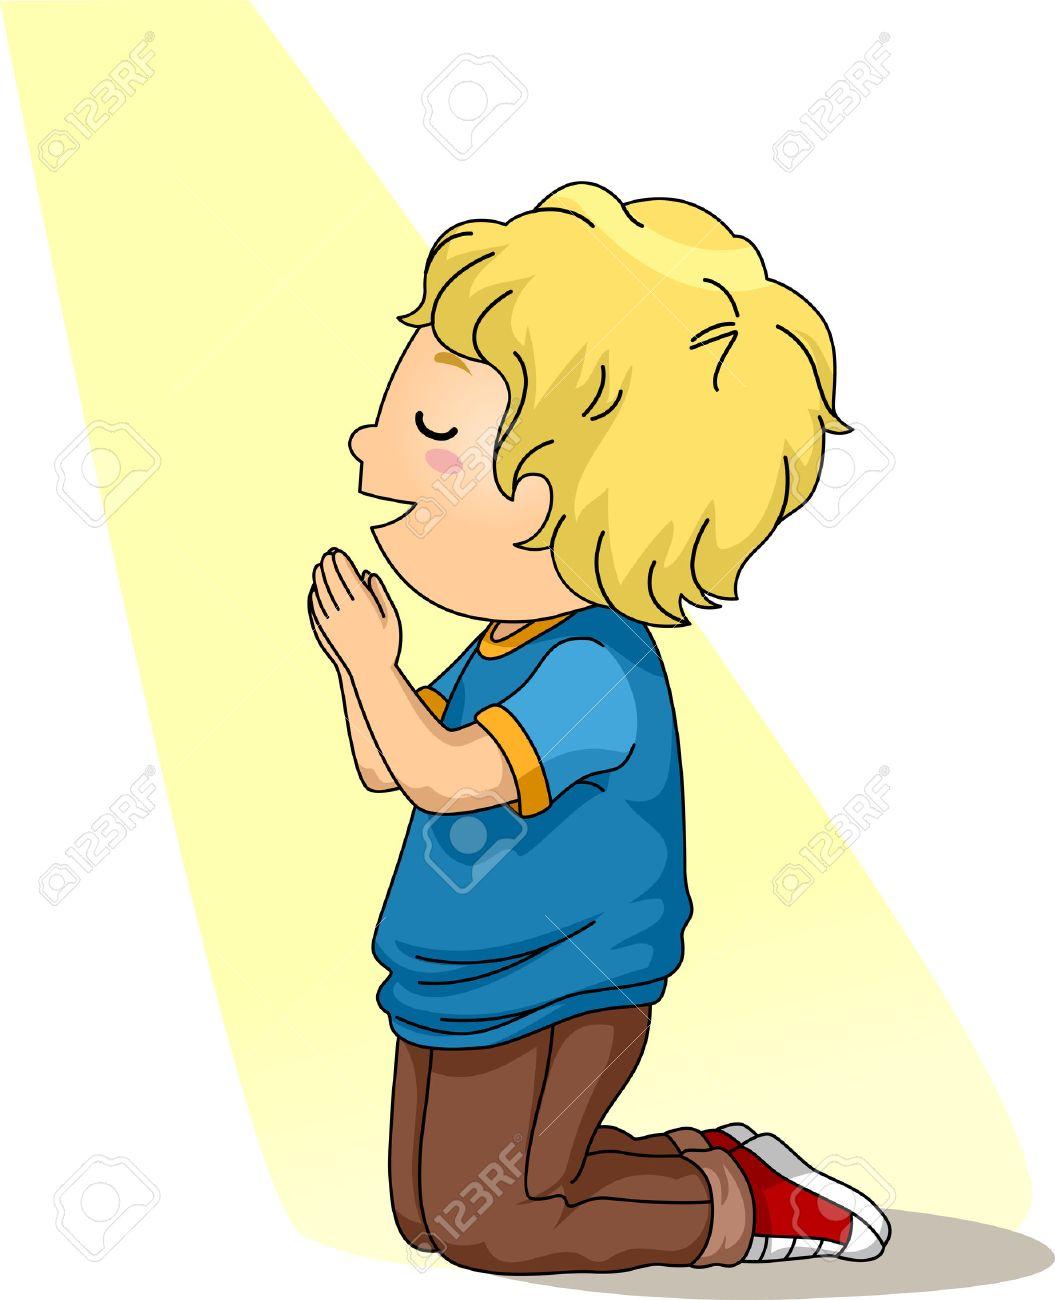 """Résultat de recherche d'images pour """"illustration de la prière"""""""